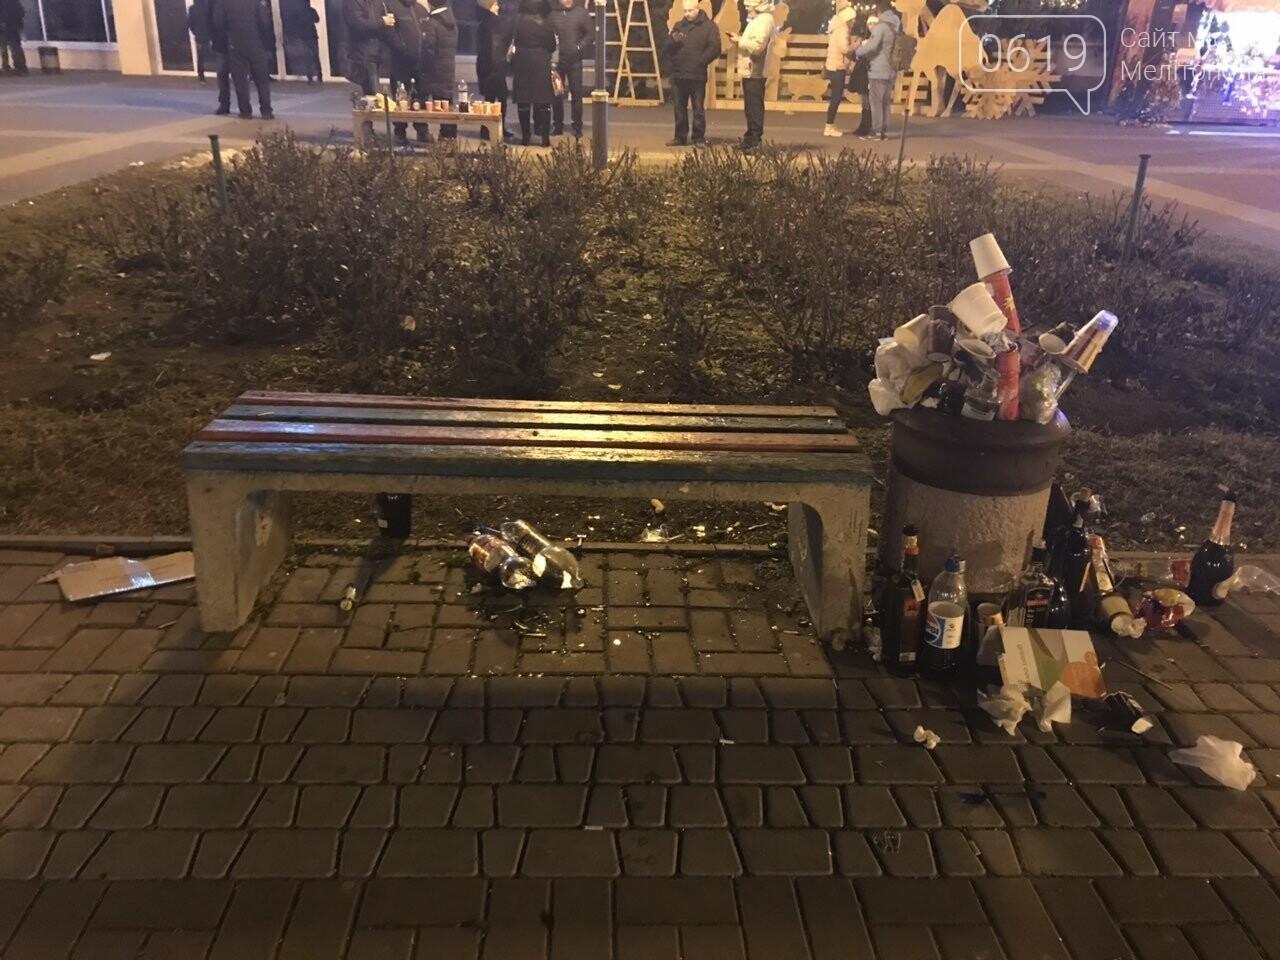 В новогоднюю ночь мелитопольцы превратили площадь в свалку, фото-2, Фото сайта 0619